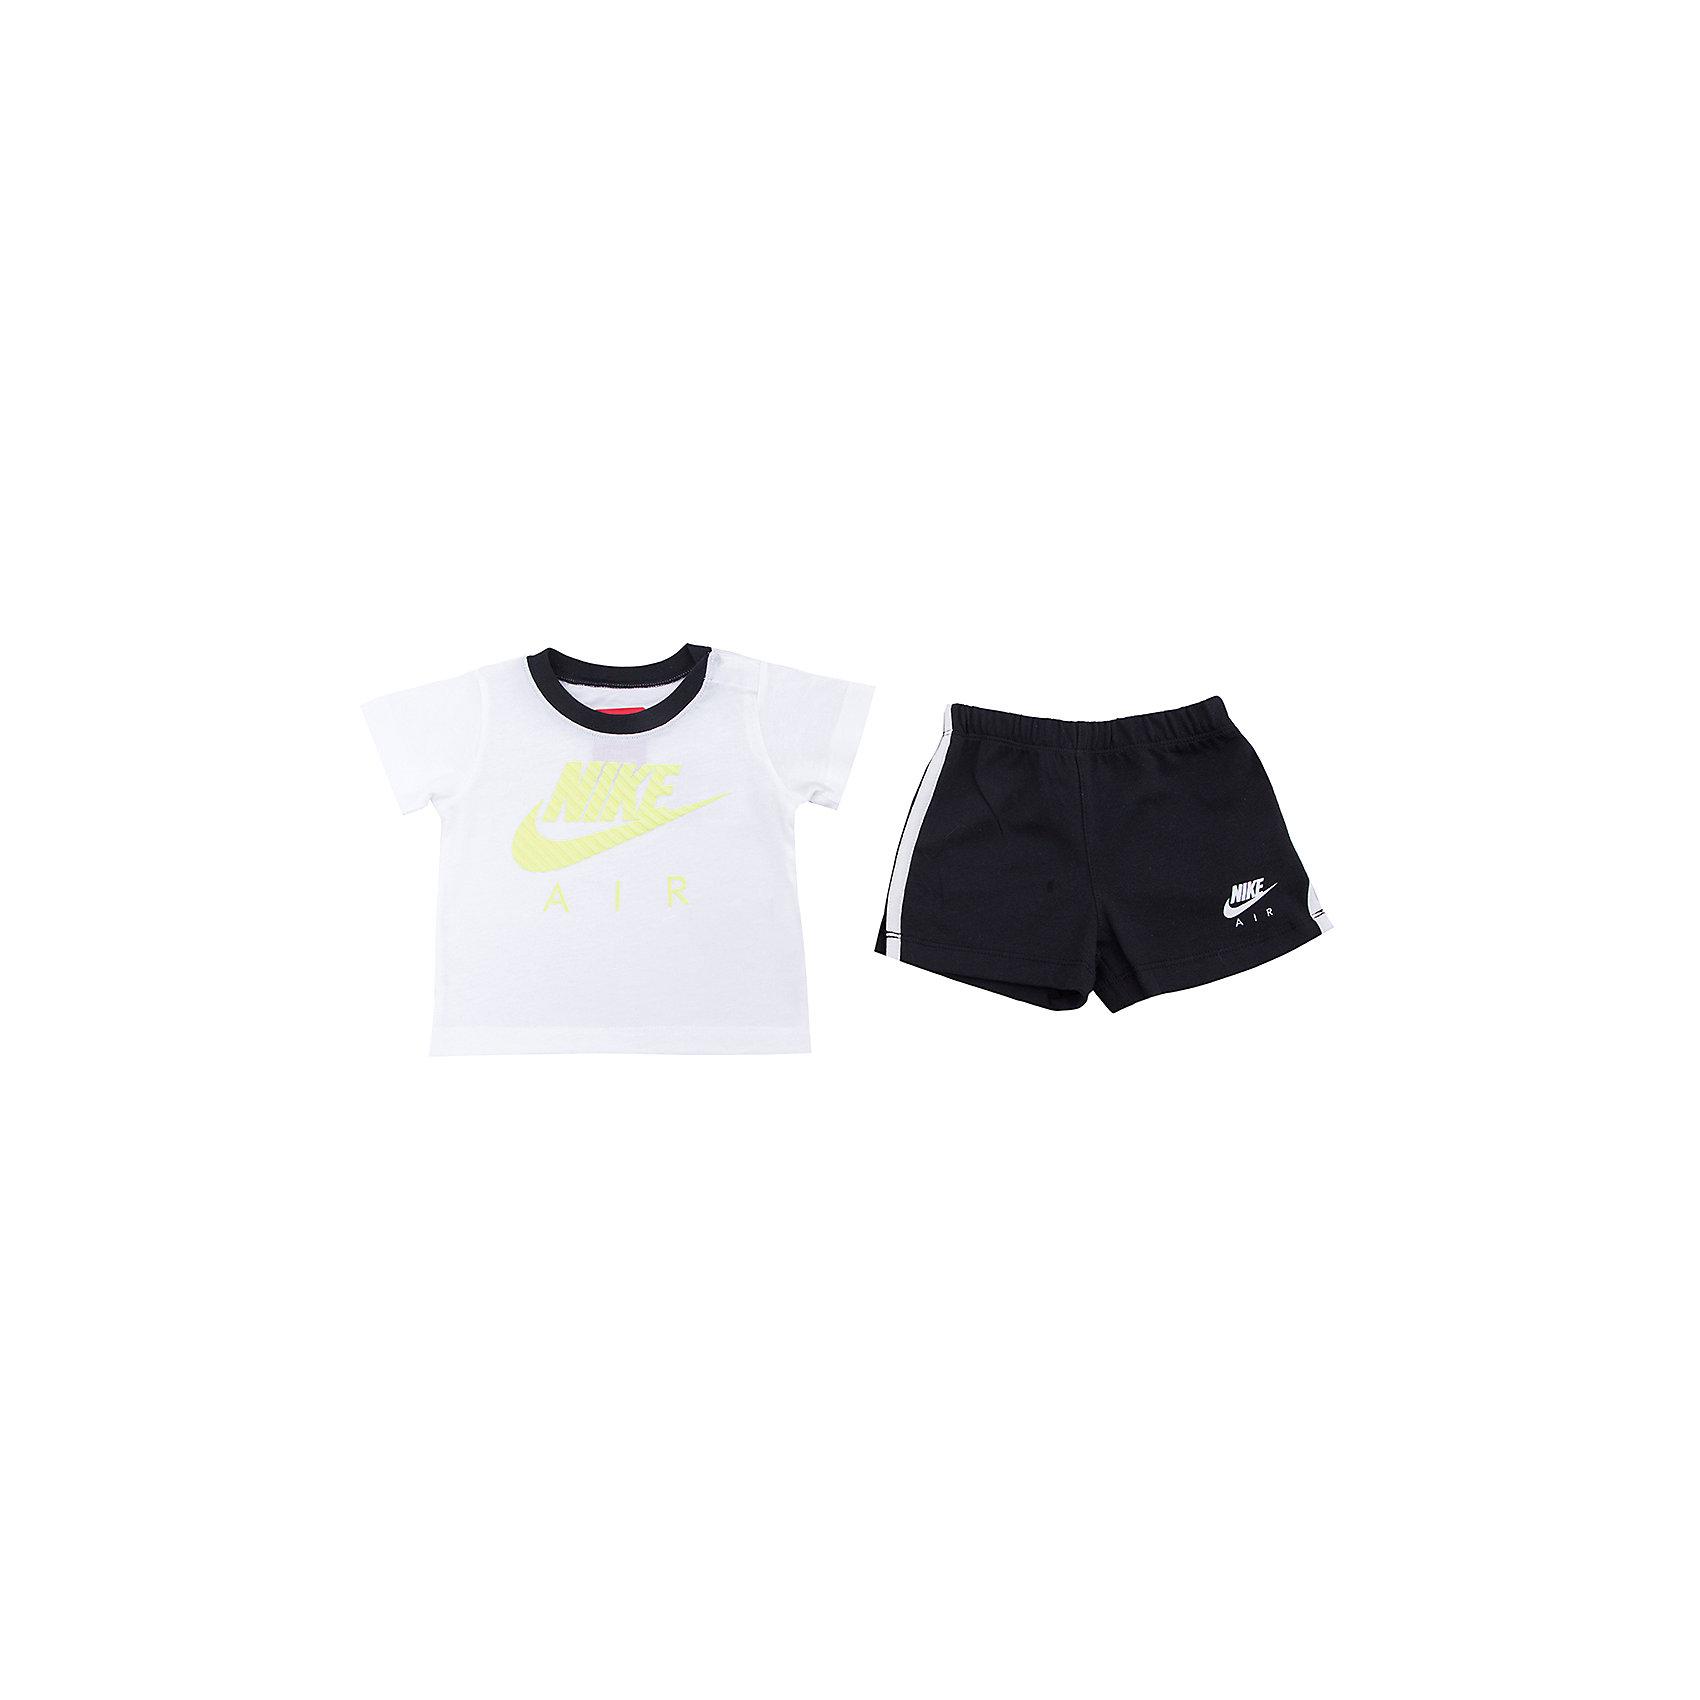 Комплект для мальчика: футболка и шорты HBR MIXED SET INF NIKEКомплект для мальчика: футболка и шорты HBR MIXED SET INF NIKE Состав: 100% хлопок<br><br>Ширина мм: 199<br>Глубина мм: 10<br>Высота мм: 161<br>Вес г: 151<br>Цвет: белый<br>Возраст от месяцев: 3<br>Возраст до месяцев: 6<br>Пол: Мужской<br>Возраст: Детский<br>Размер: 68/74,92/98,74,86/92,74/80,80/86<br>SKU: 4067374